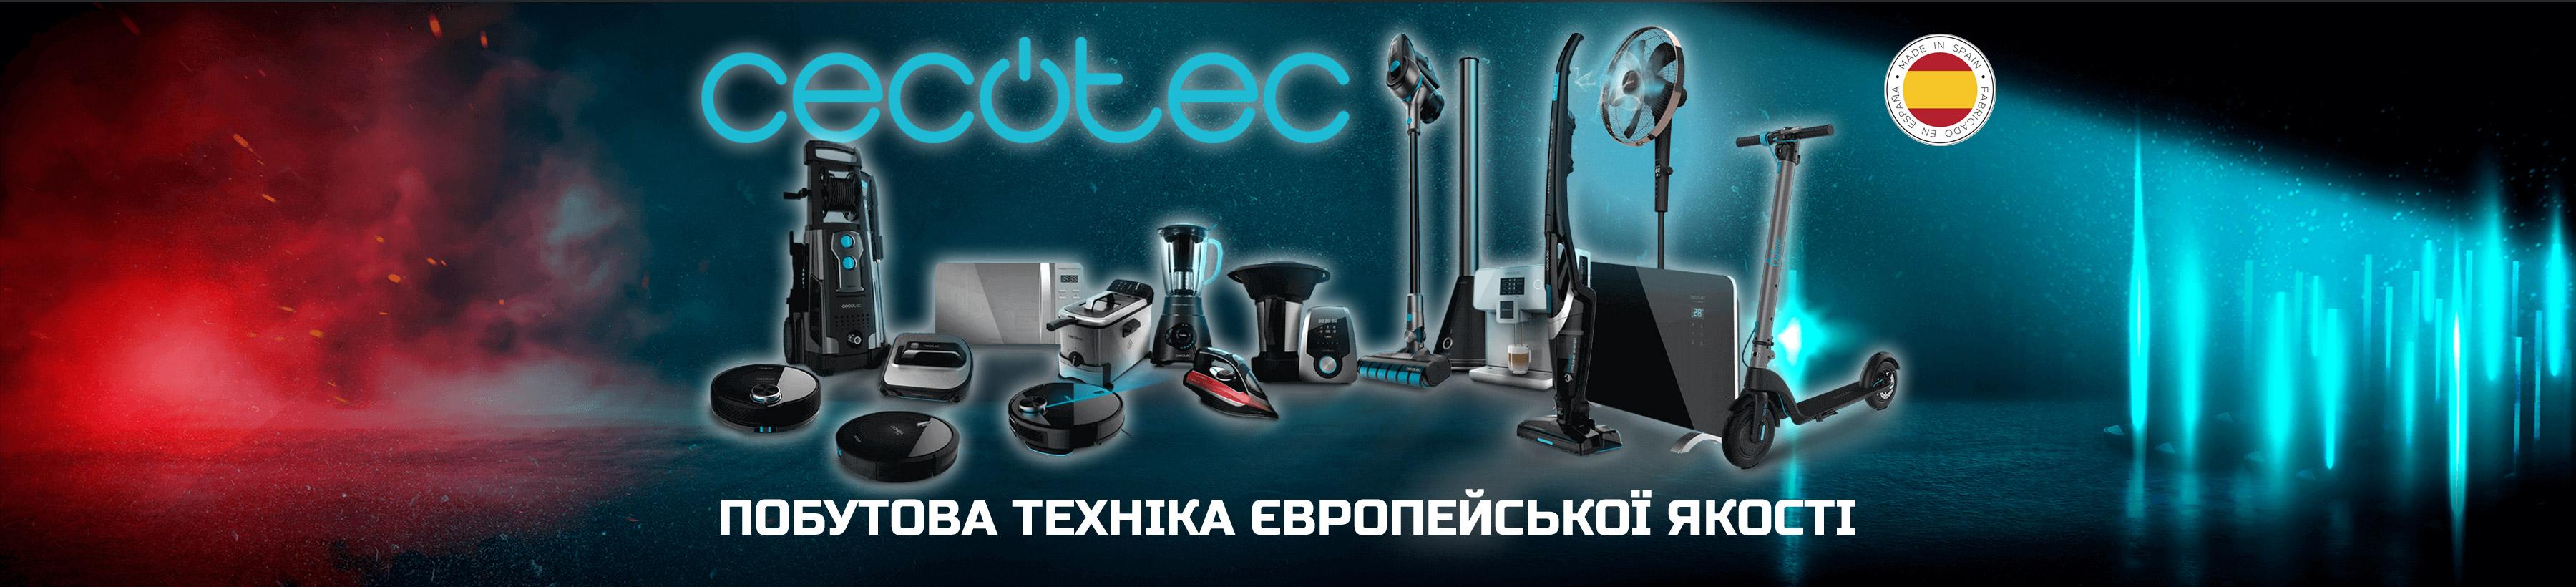 Cecotec: бытовая техника европейского качества